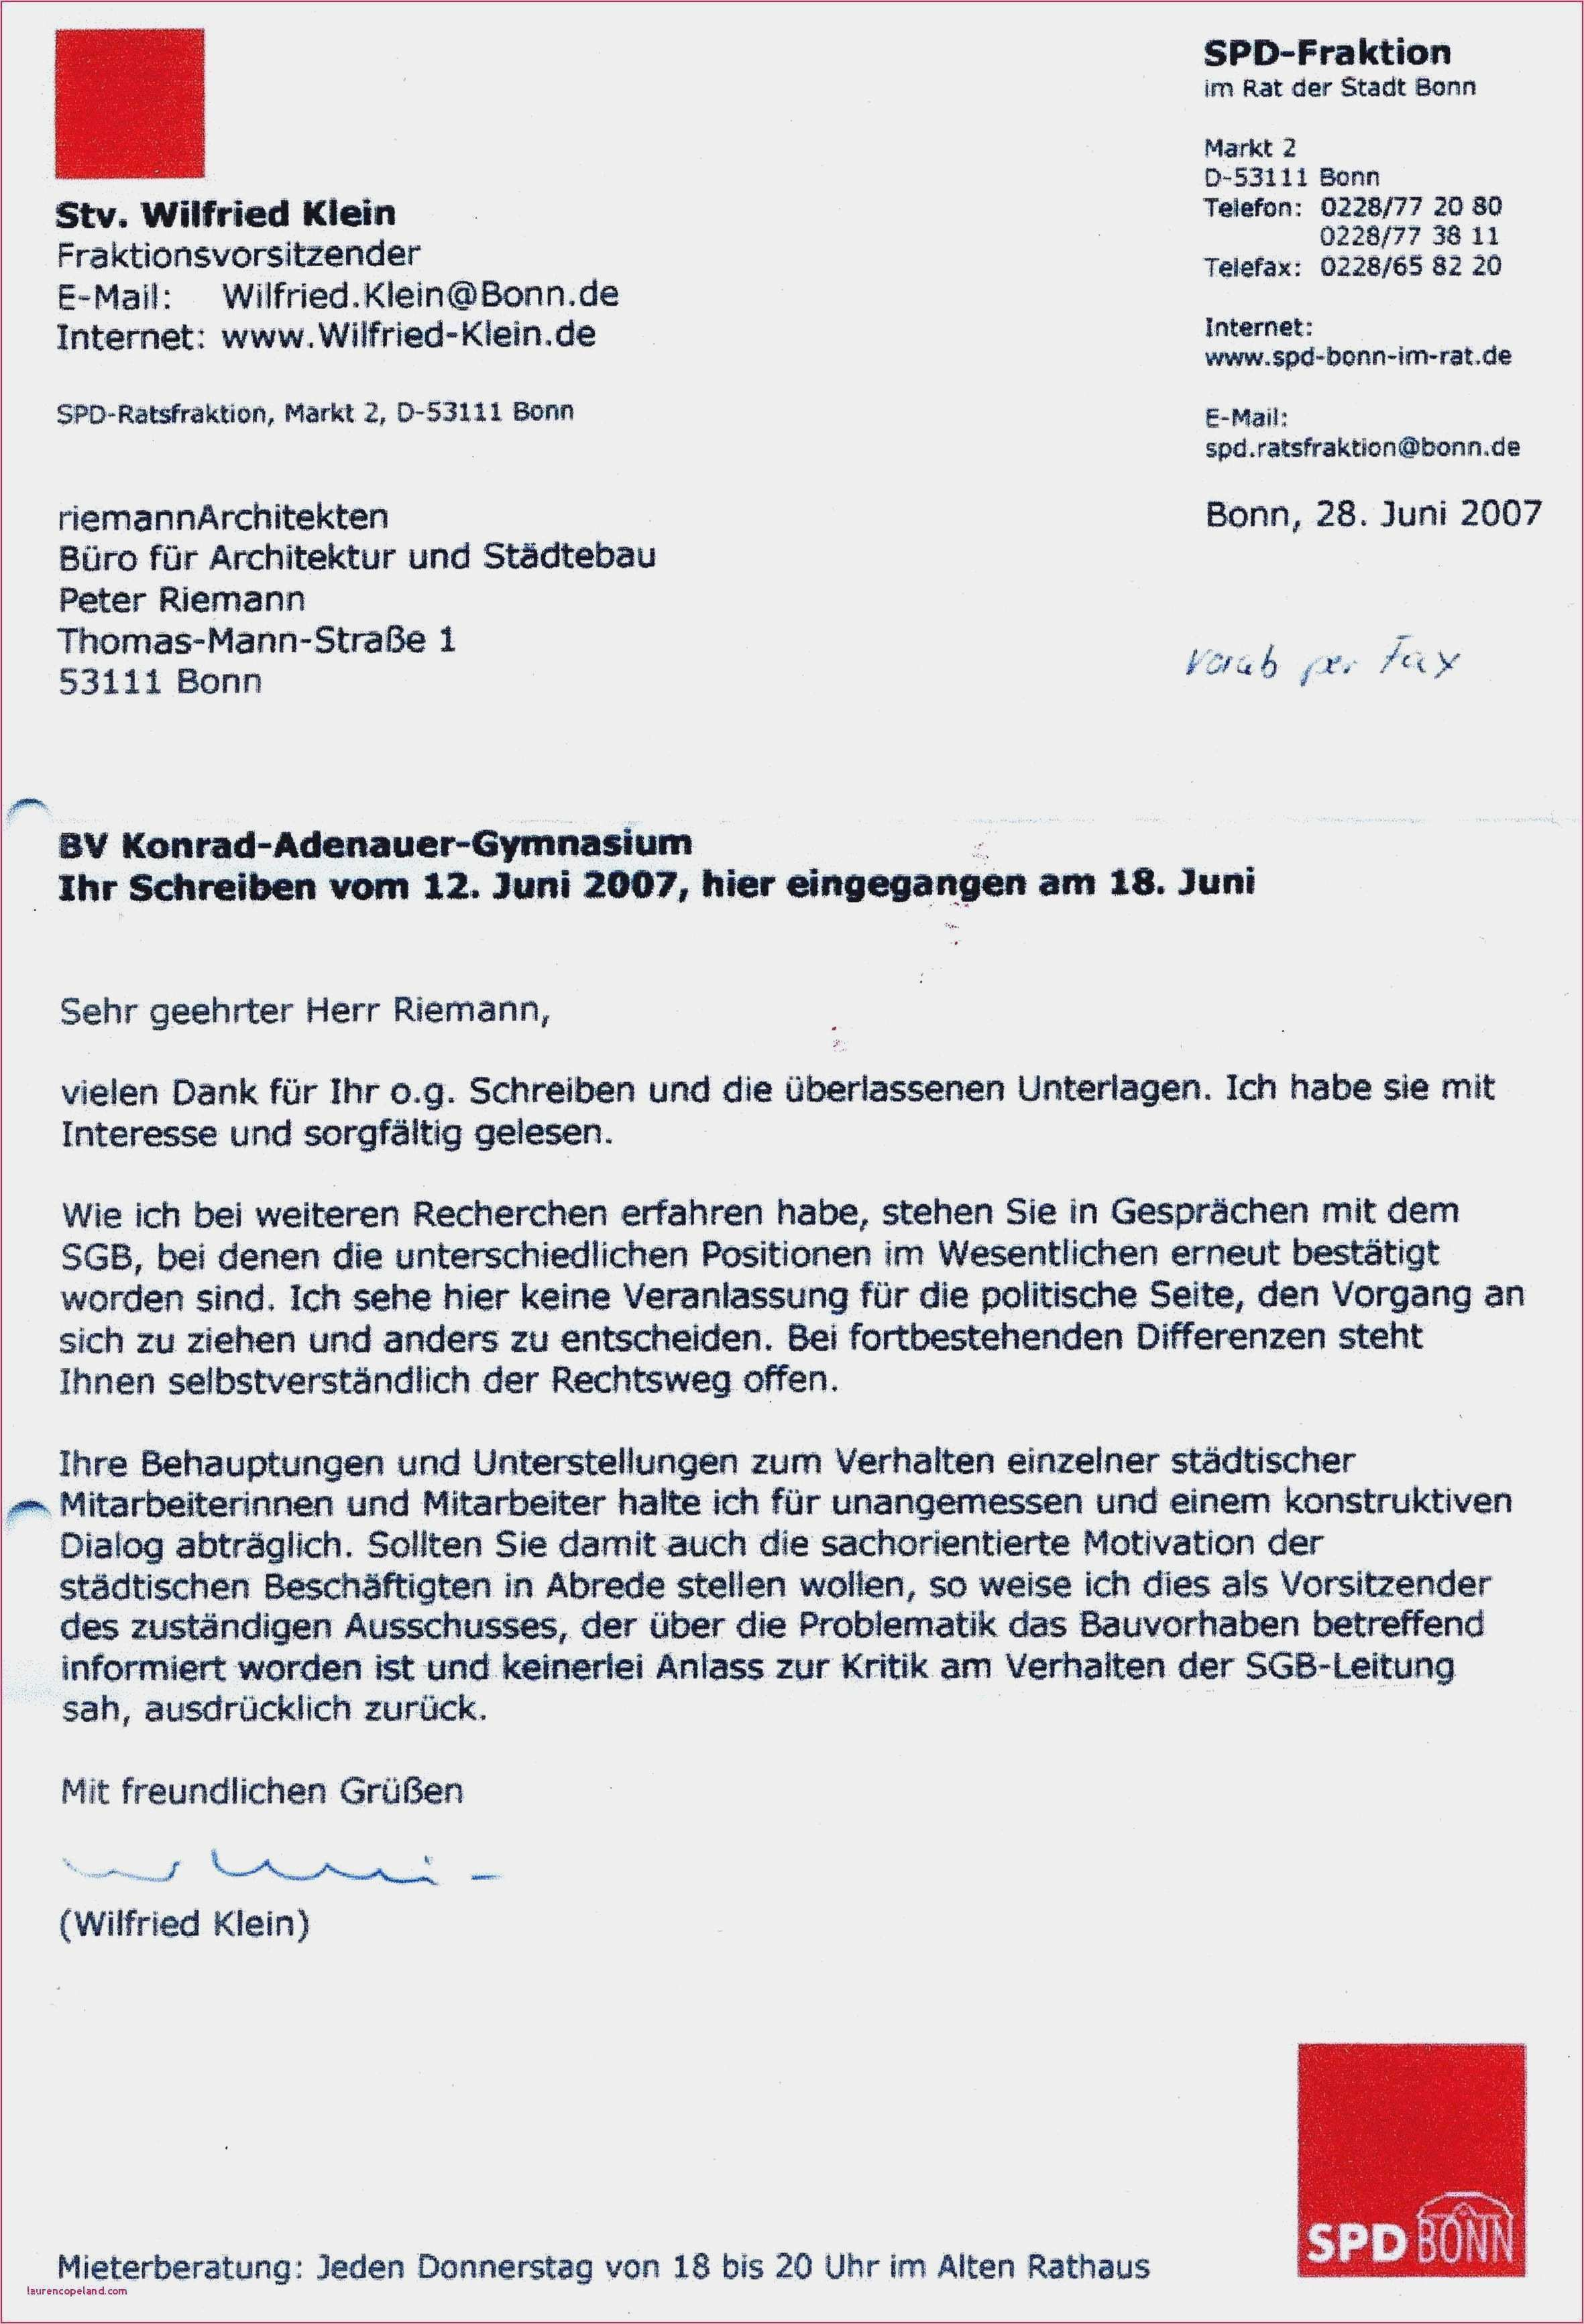 Elegant Sonderkundigung Unitymedia Umzug Vorlage Bilder Lebenslauf Vorlagen Word Vorlagen Vorlagen Word